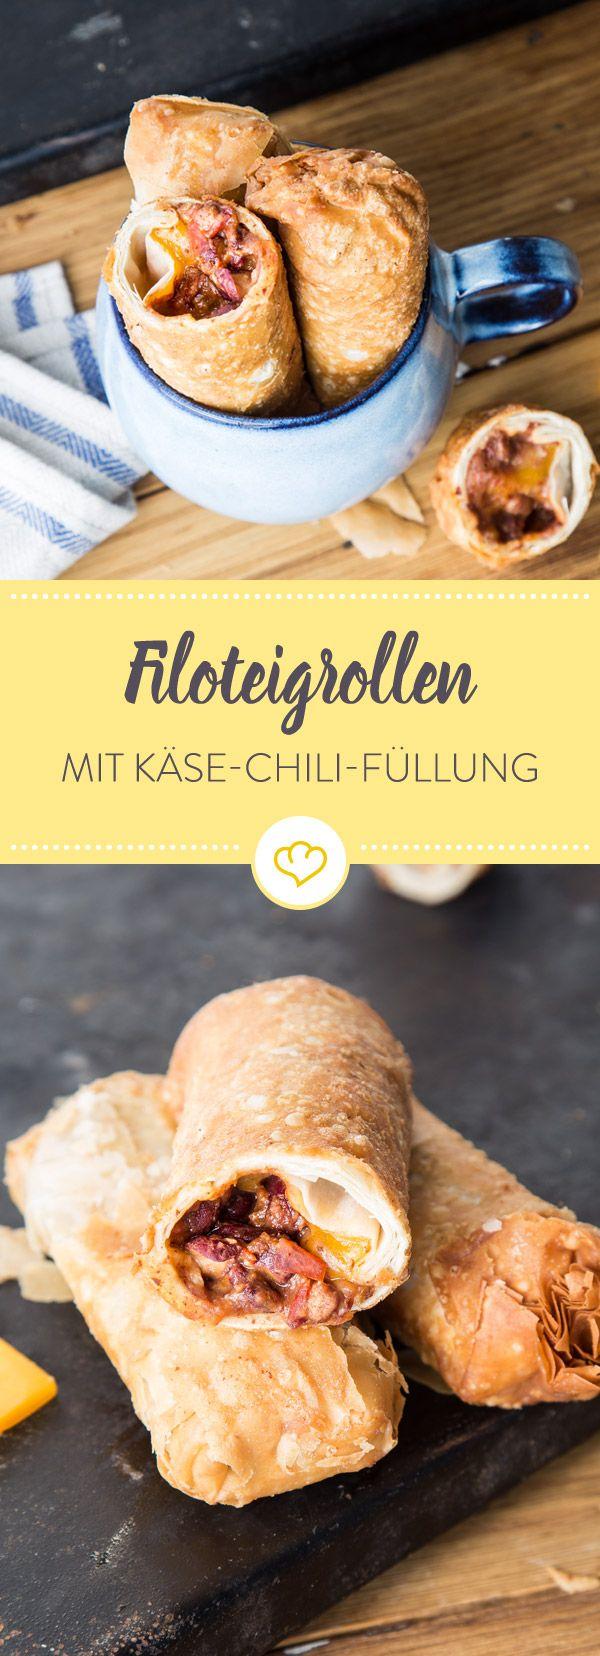 Hier wird der Filoteig mit Chili con Carne und Käse gefüllt und kommt dann in die Fritteuse. Das Ergebnis: Knuspriger Rollen die herrlich würzig schmecken.